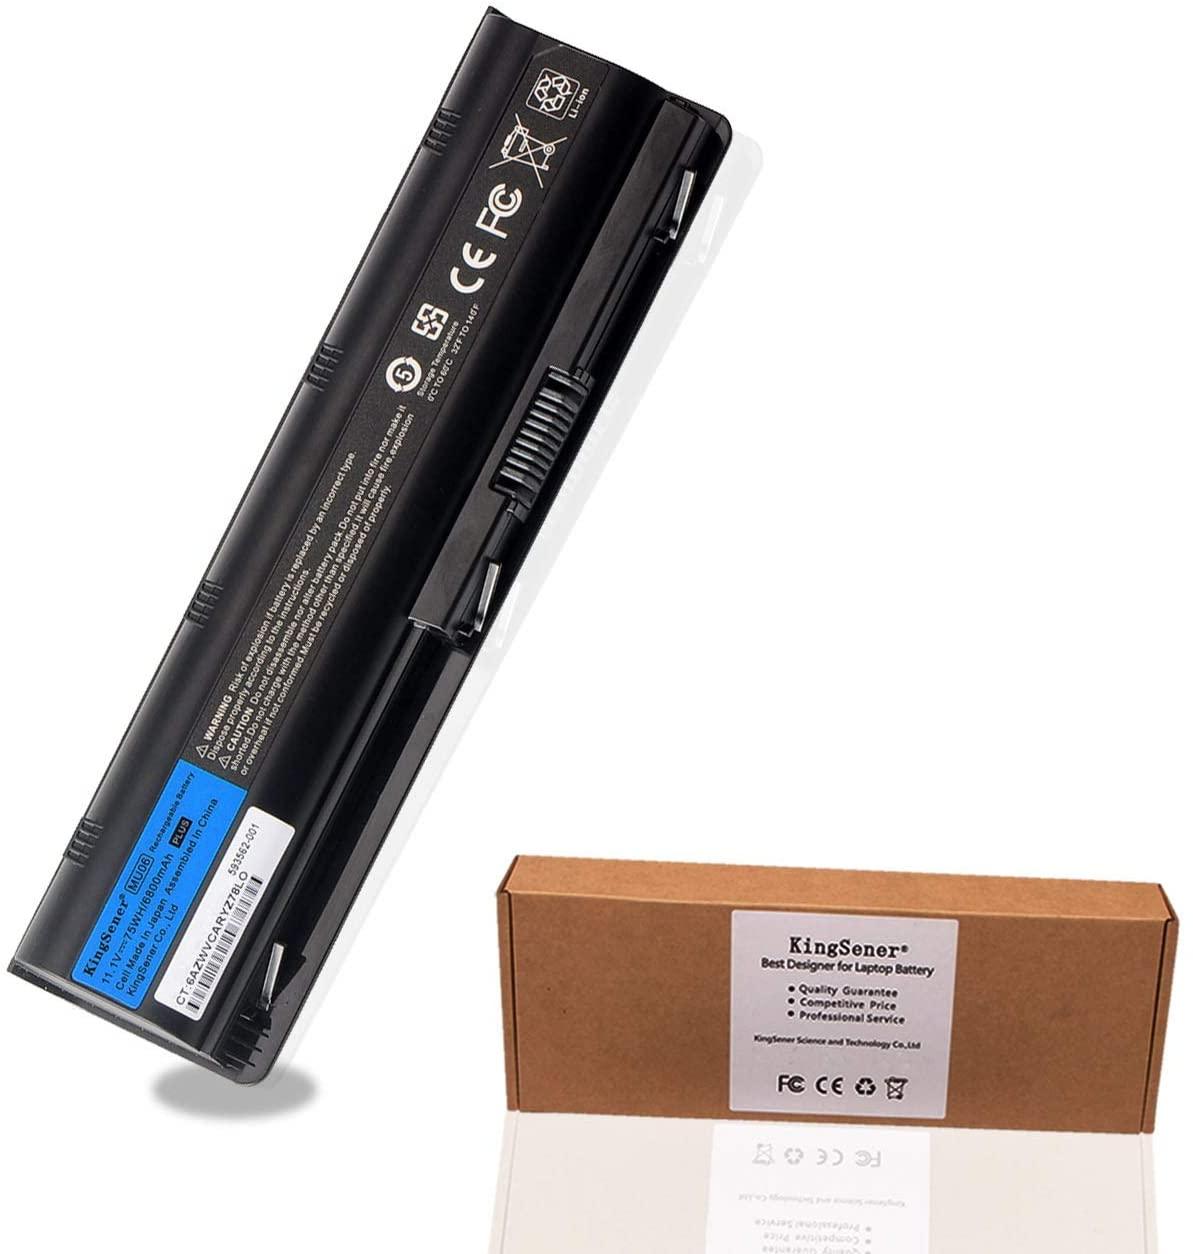 KingSener MU06 Laptop Battery for HP Pavilion g4 g6 g7 CQ32 CQ42 CQ62 CQ72 DM4 HSTNN-CBOX HSTNN-Q60C HSTNN-CB0W MU09 G32 G42 G62 11.1V 75WH